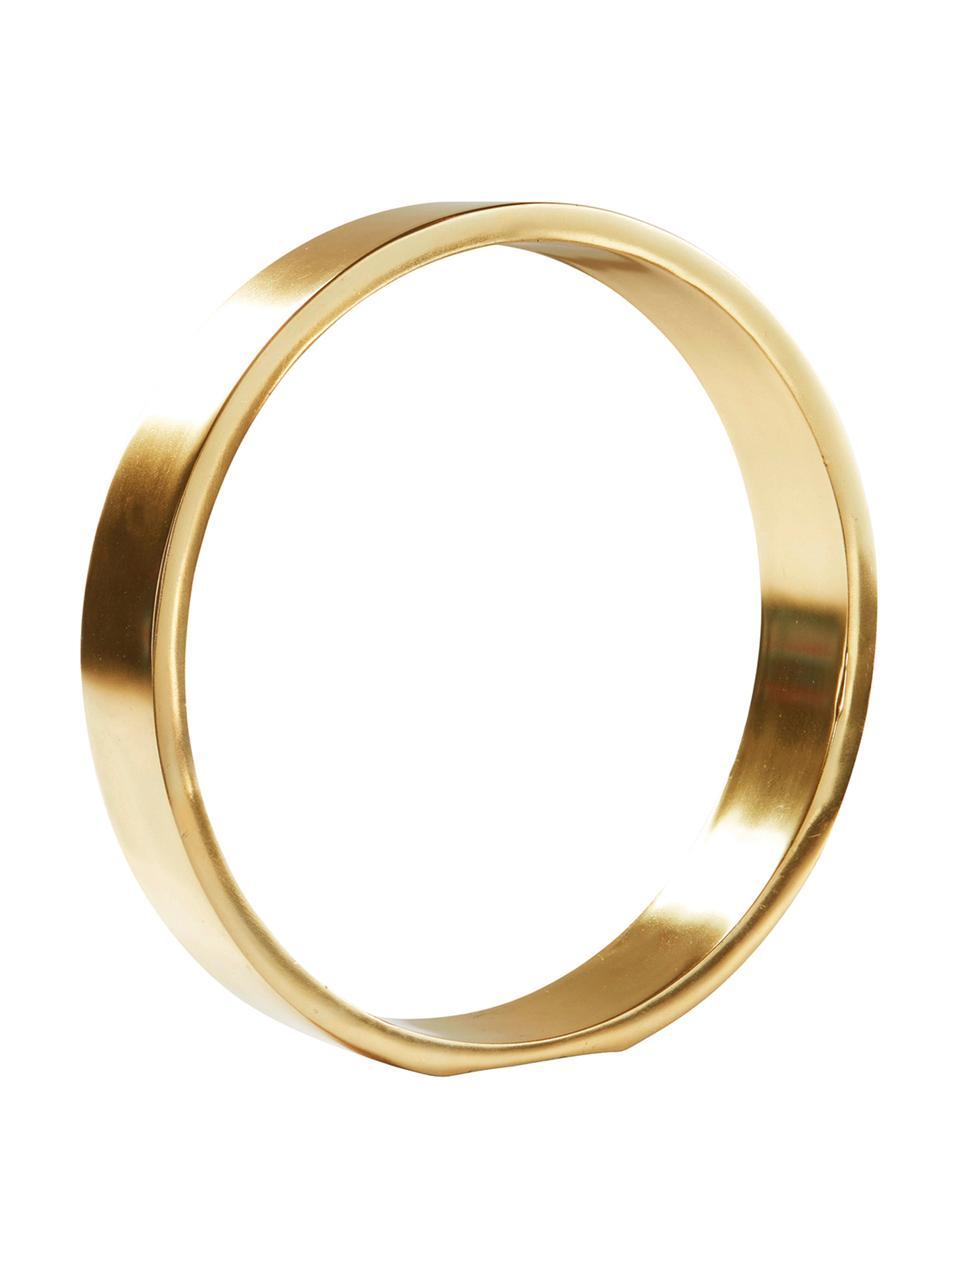 Dekoracja The Ring, Metal powlekany, Odcienie złotego, Ø 25 x W 25 cm